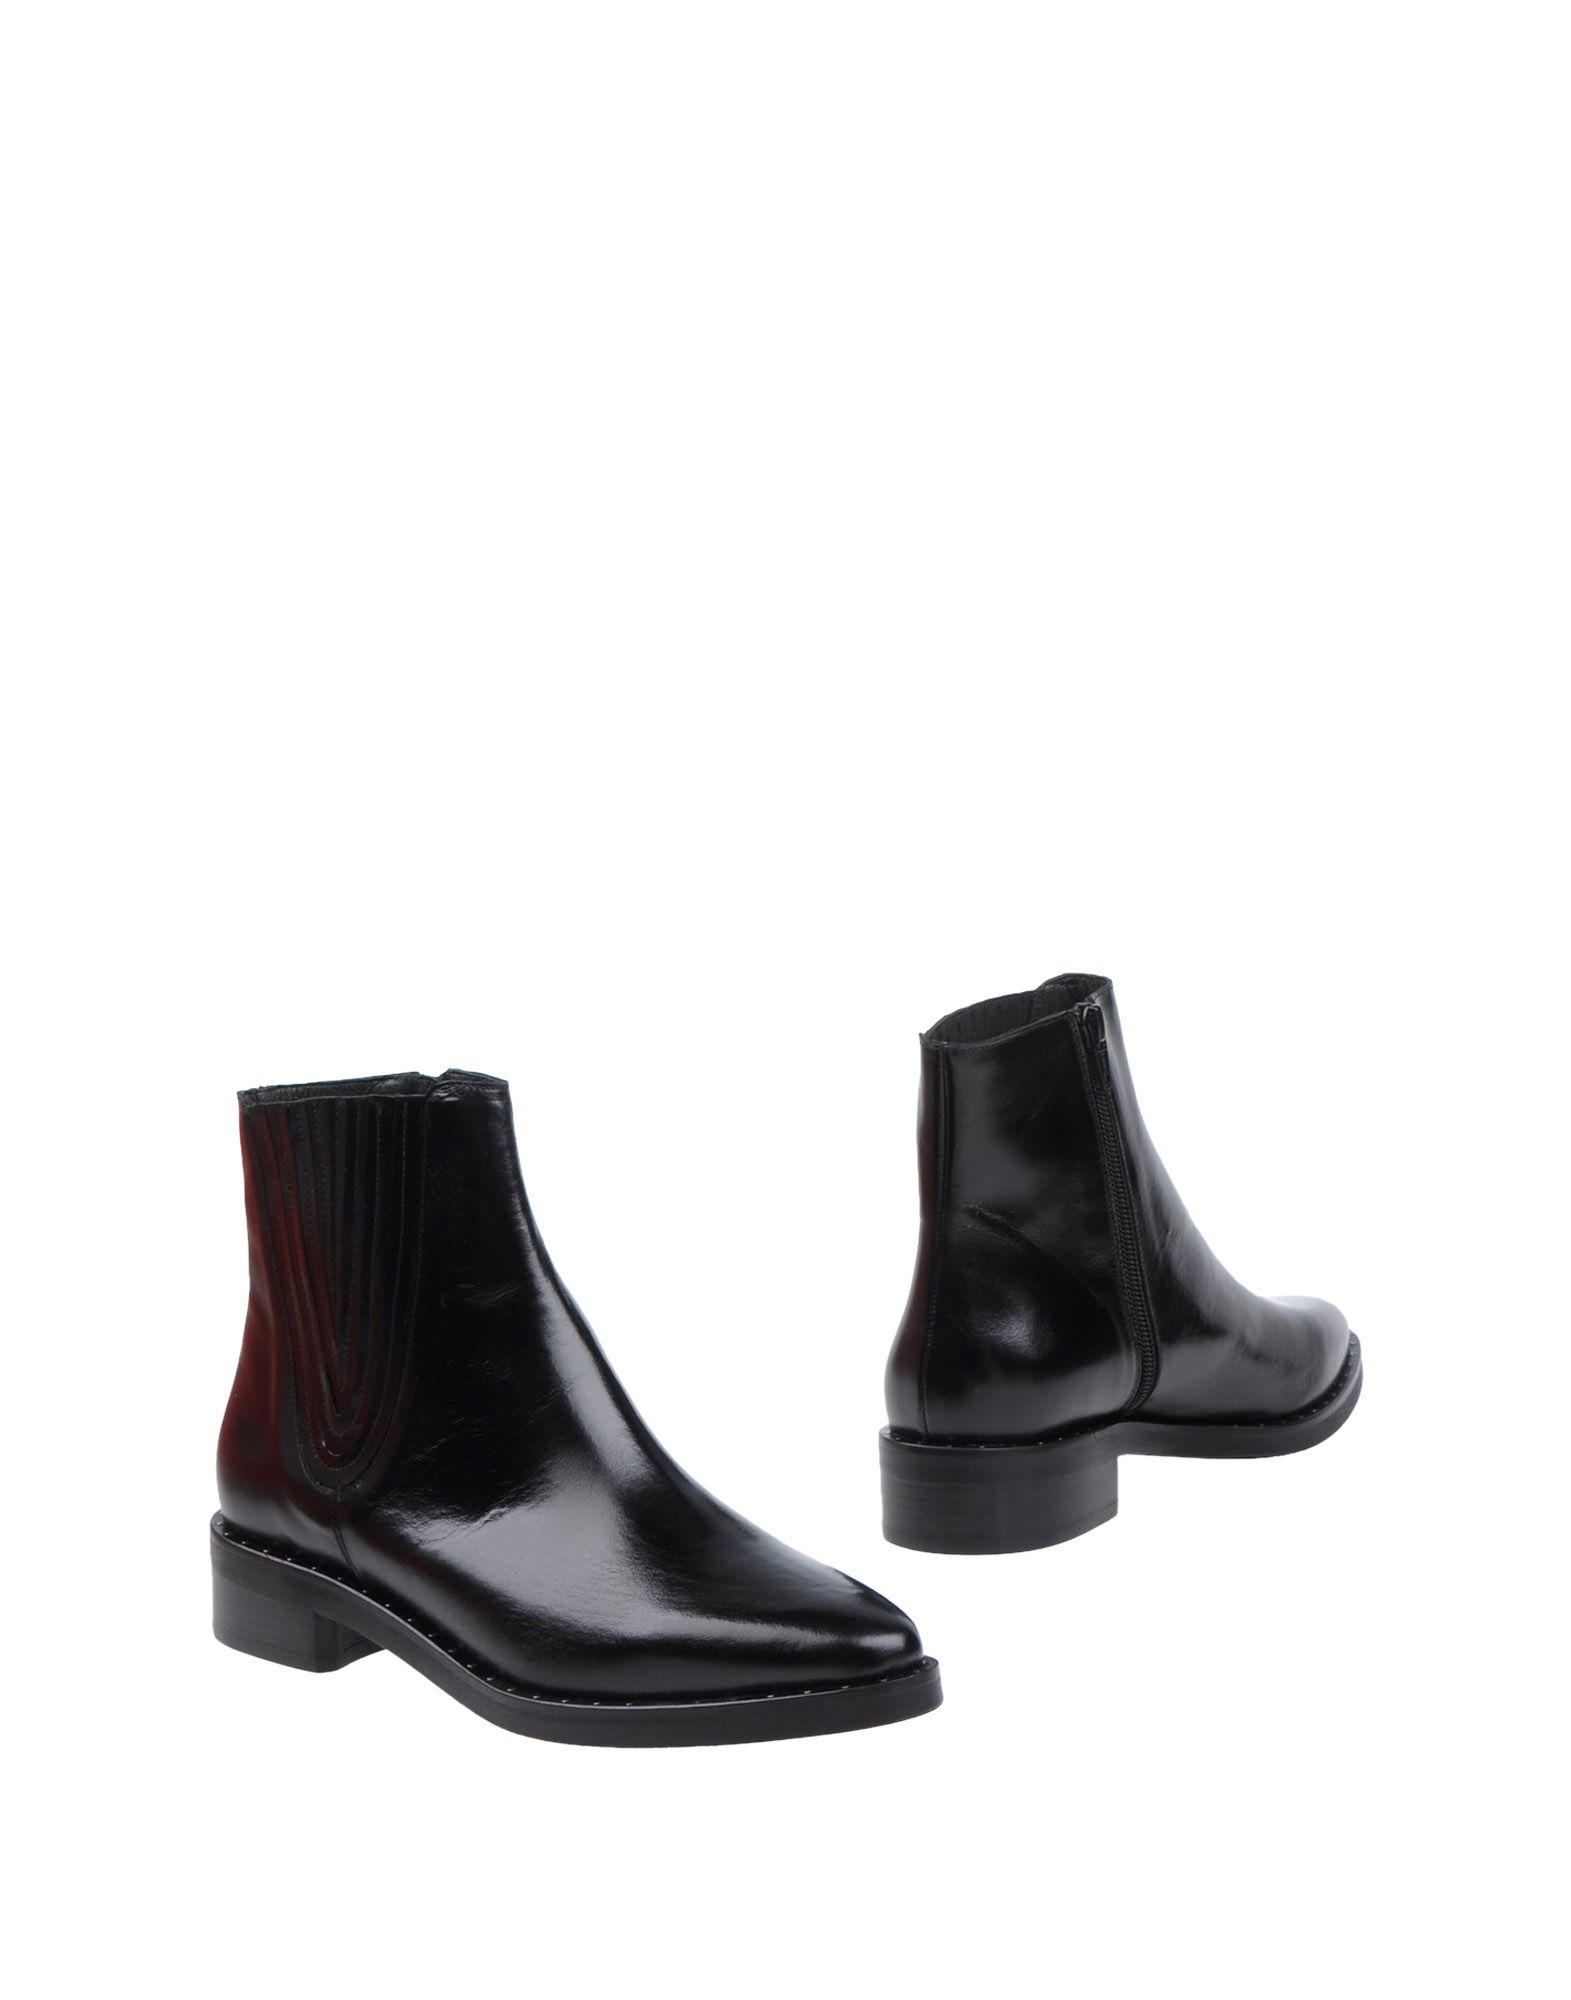 ZINDA レディース ショートブーツ ブラック 35 革 / 紡績繊維